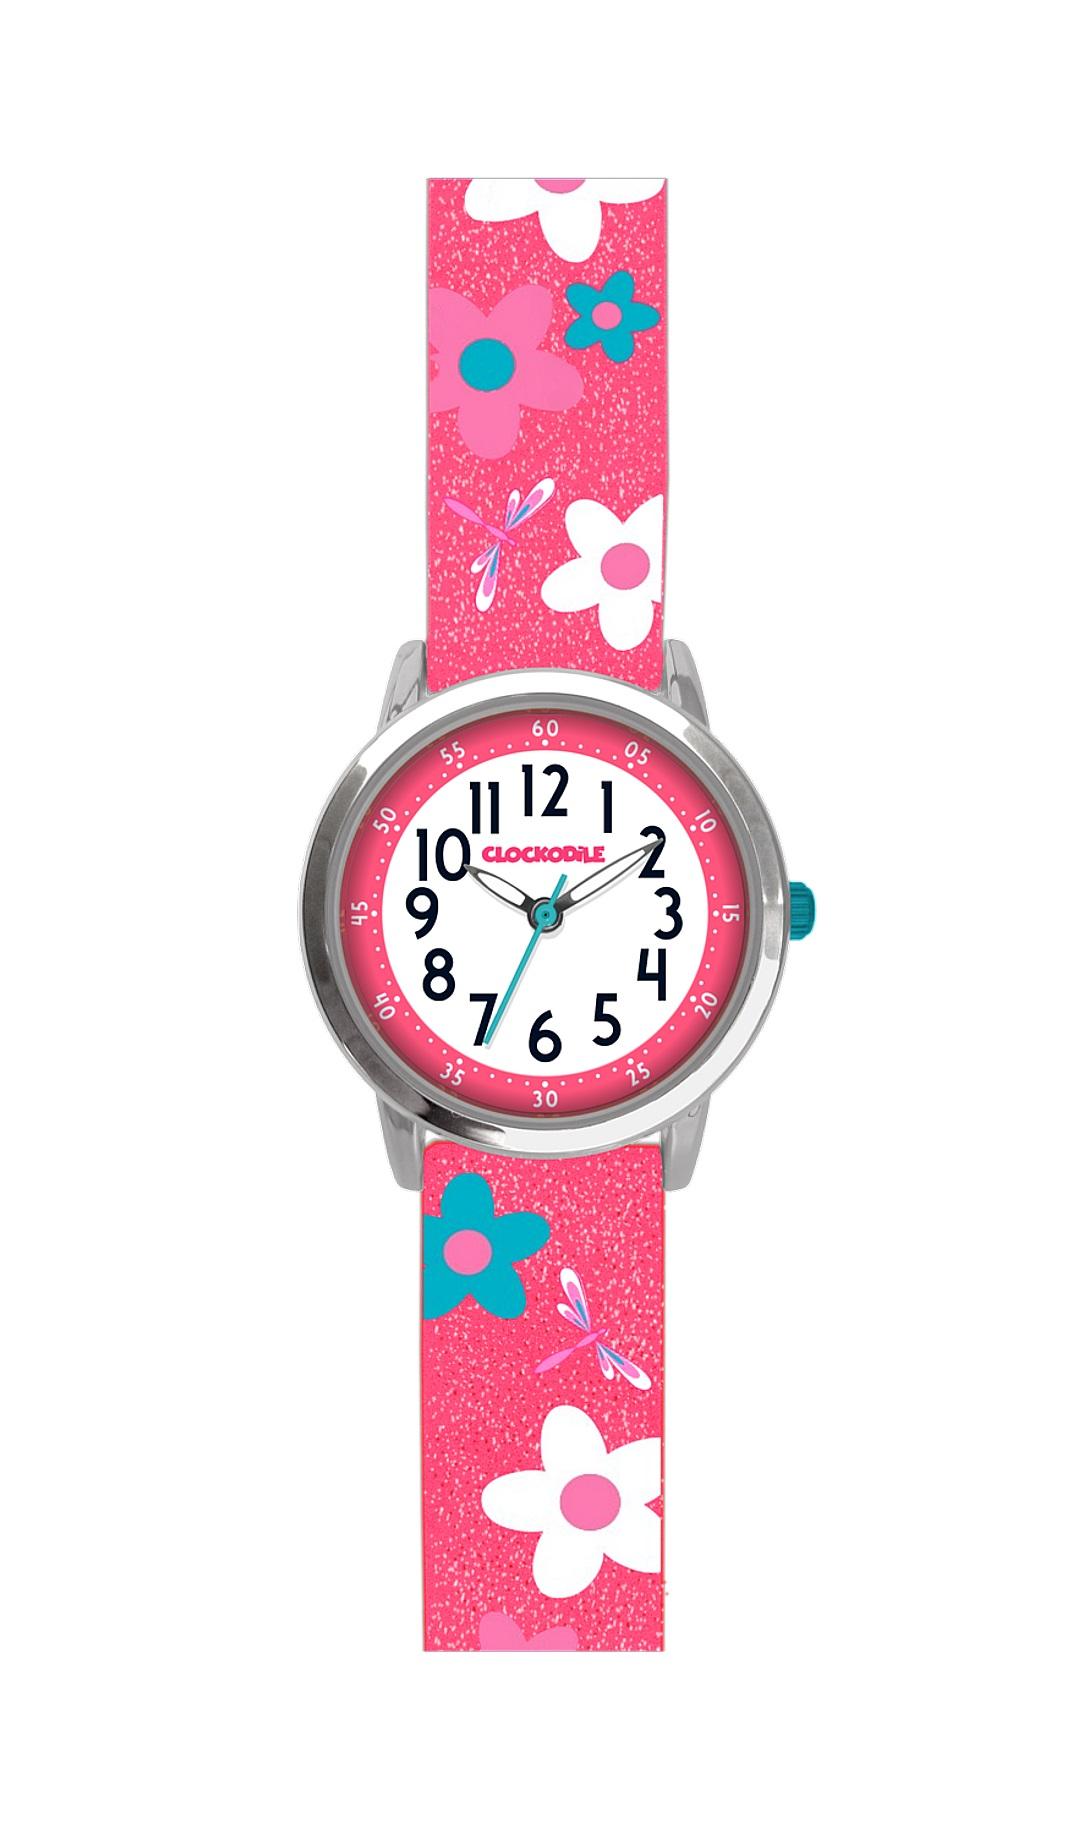 Květované růžové dívčí hodinky CLOCKODILE FLOWERS se třpytkami CWG5020 0c71f4cc61d